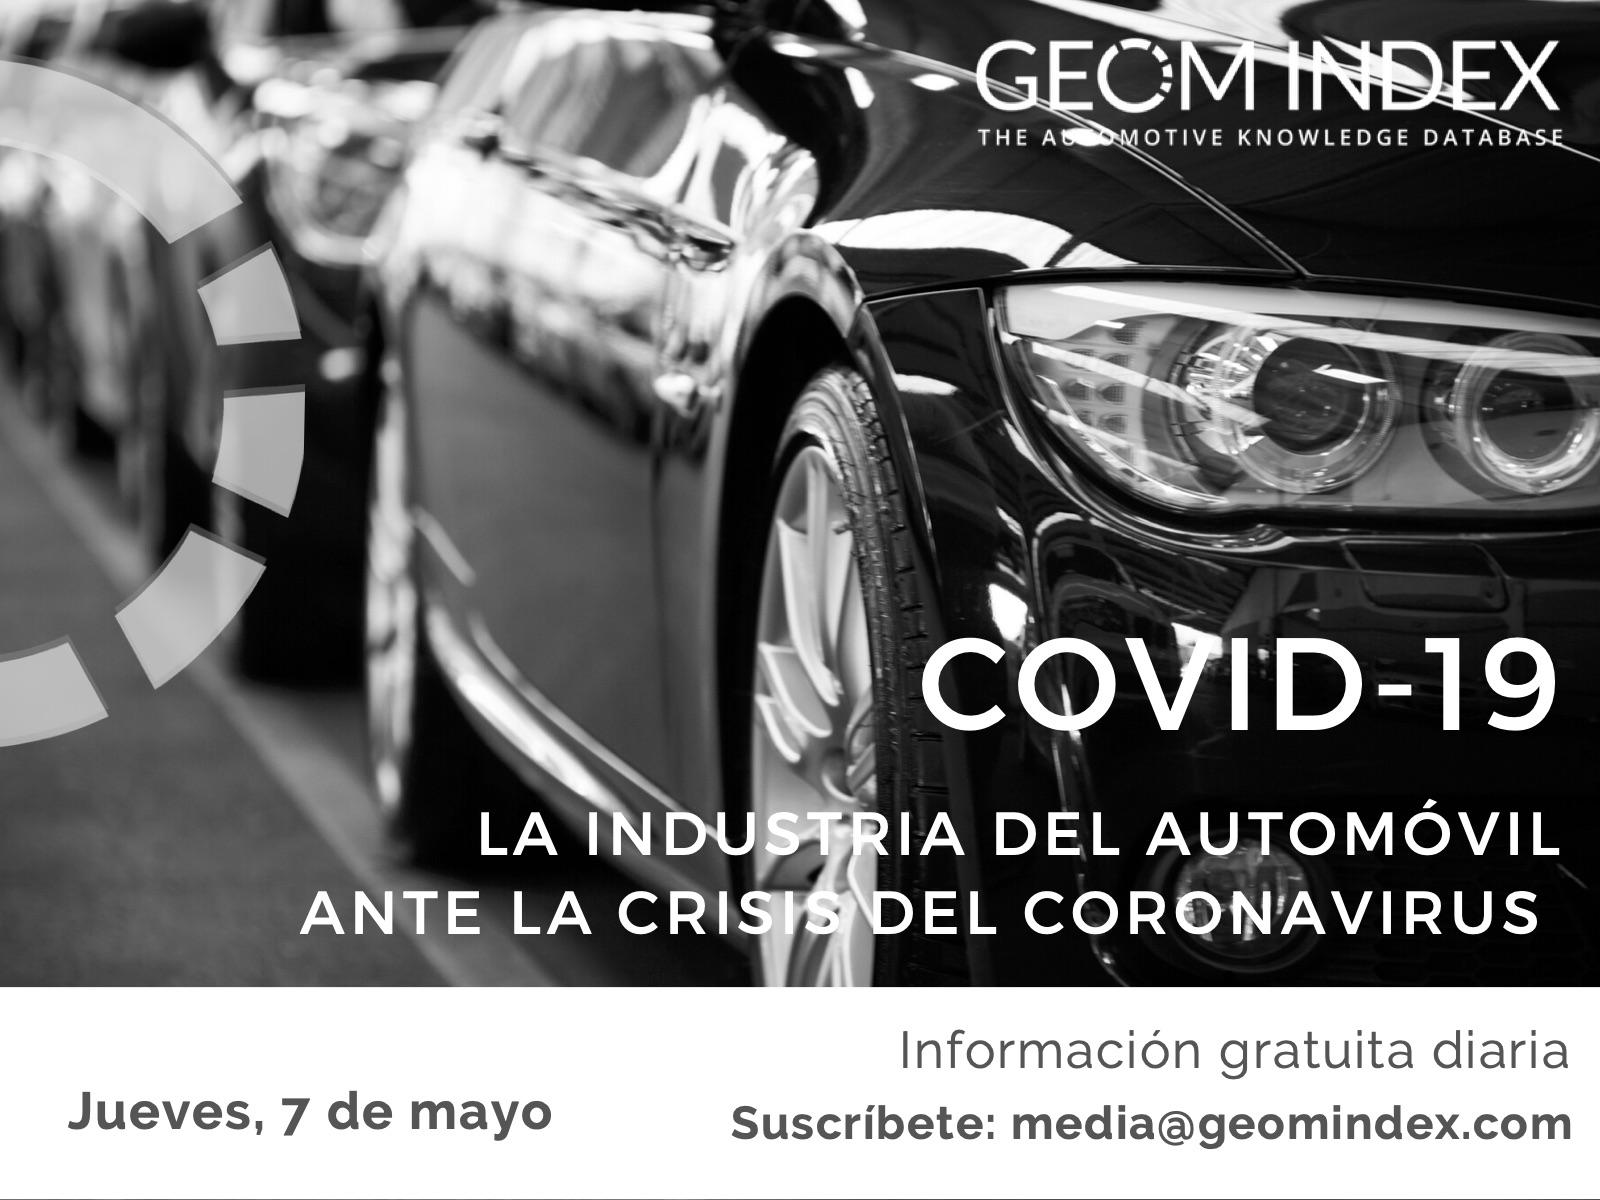 Informe 7 de mayo – La industria del automóvil ante la crisis de la covid-19